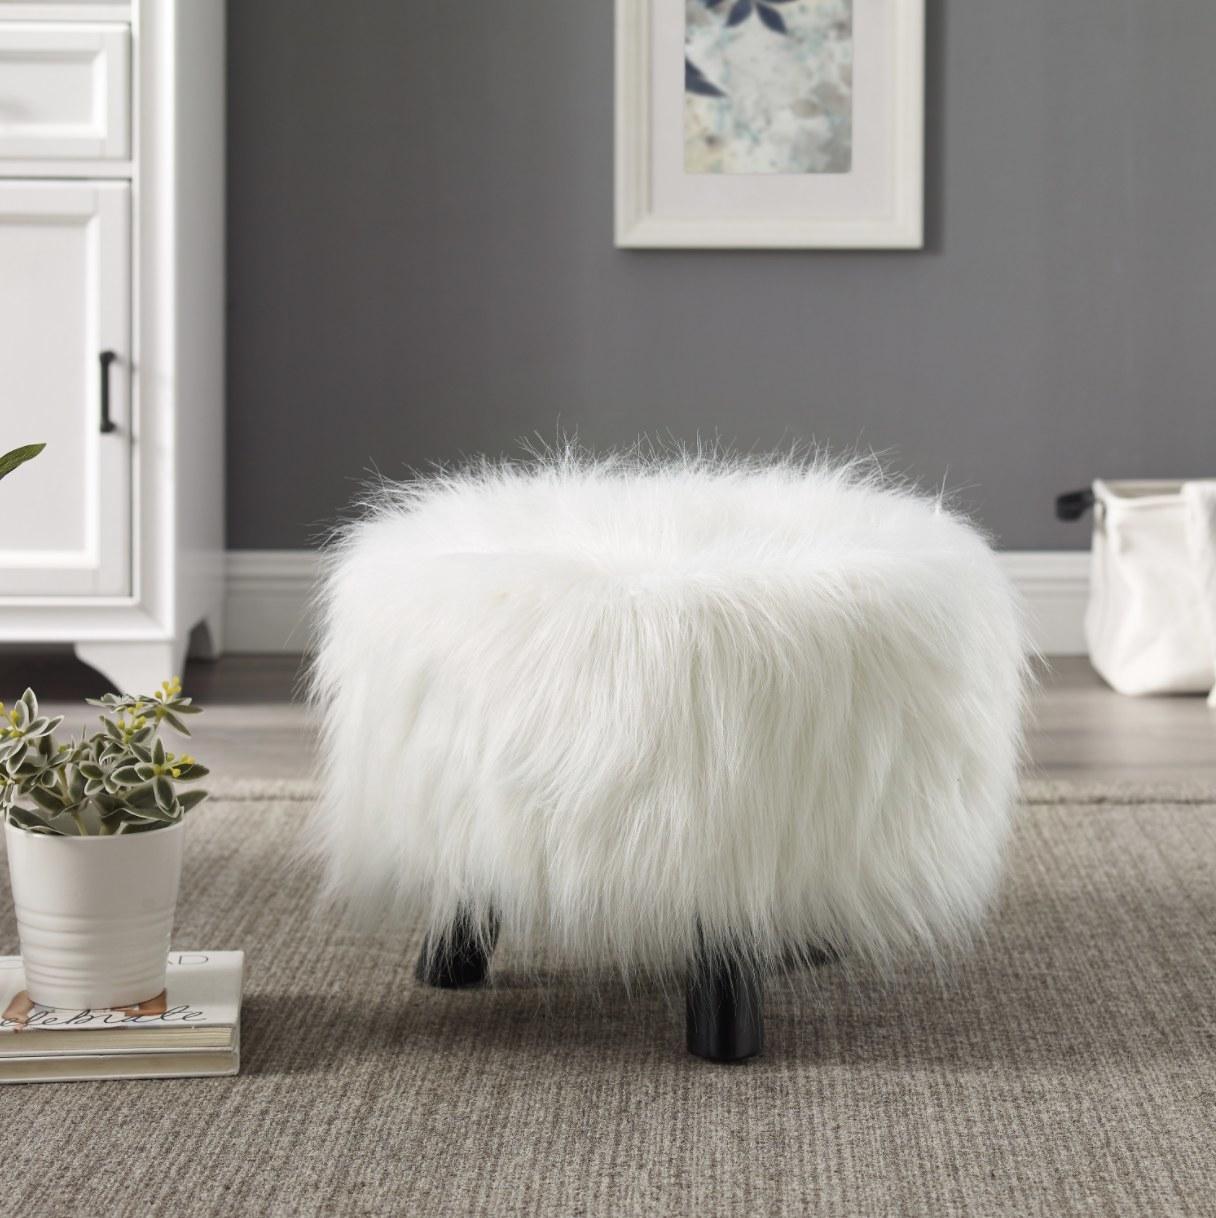 The white fuzzy stool